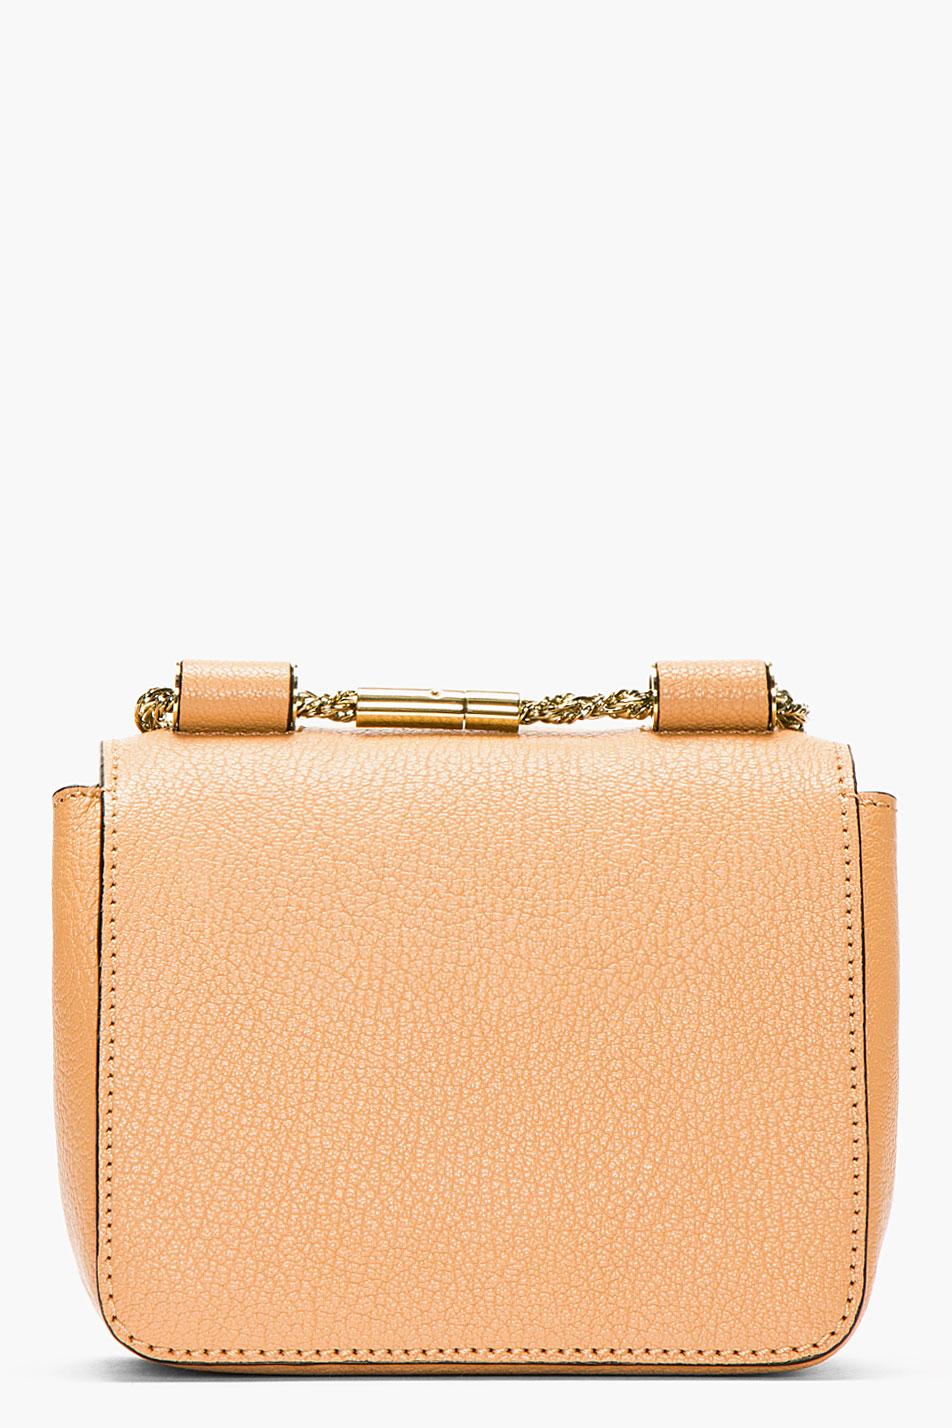 Chlo¨¦ Beige Grained Leather Mini Elsie Bag in Pink (beige) | Lyst